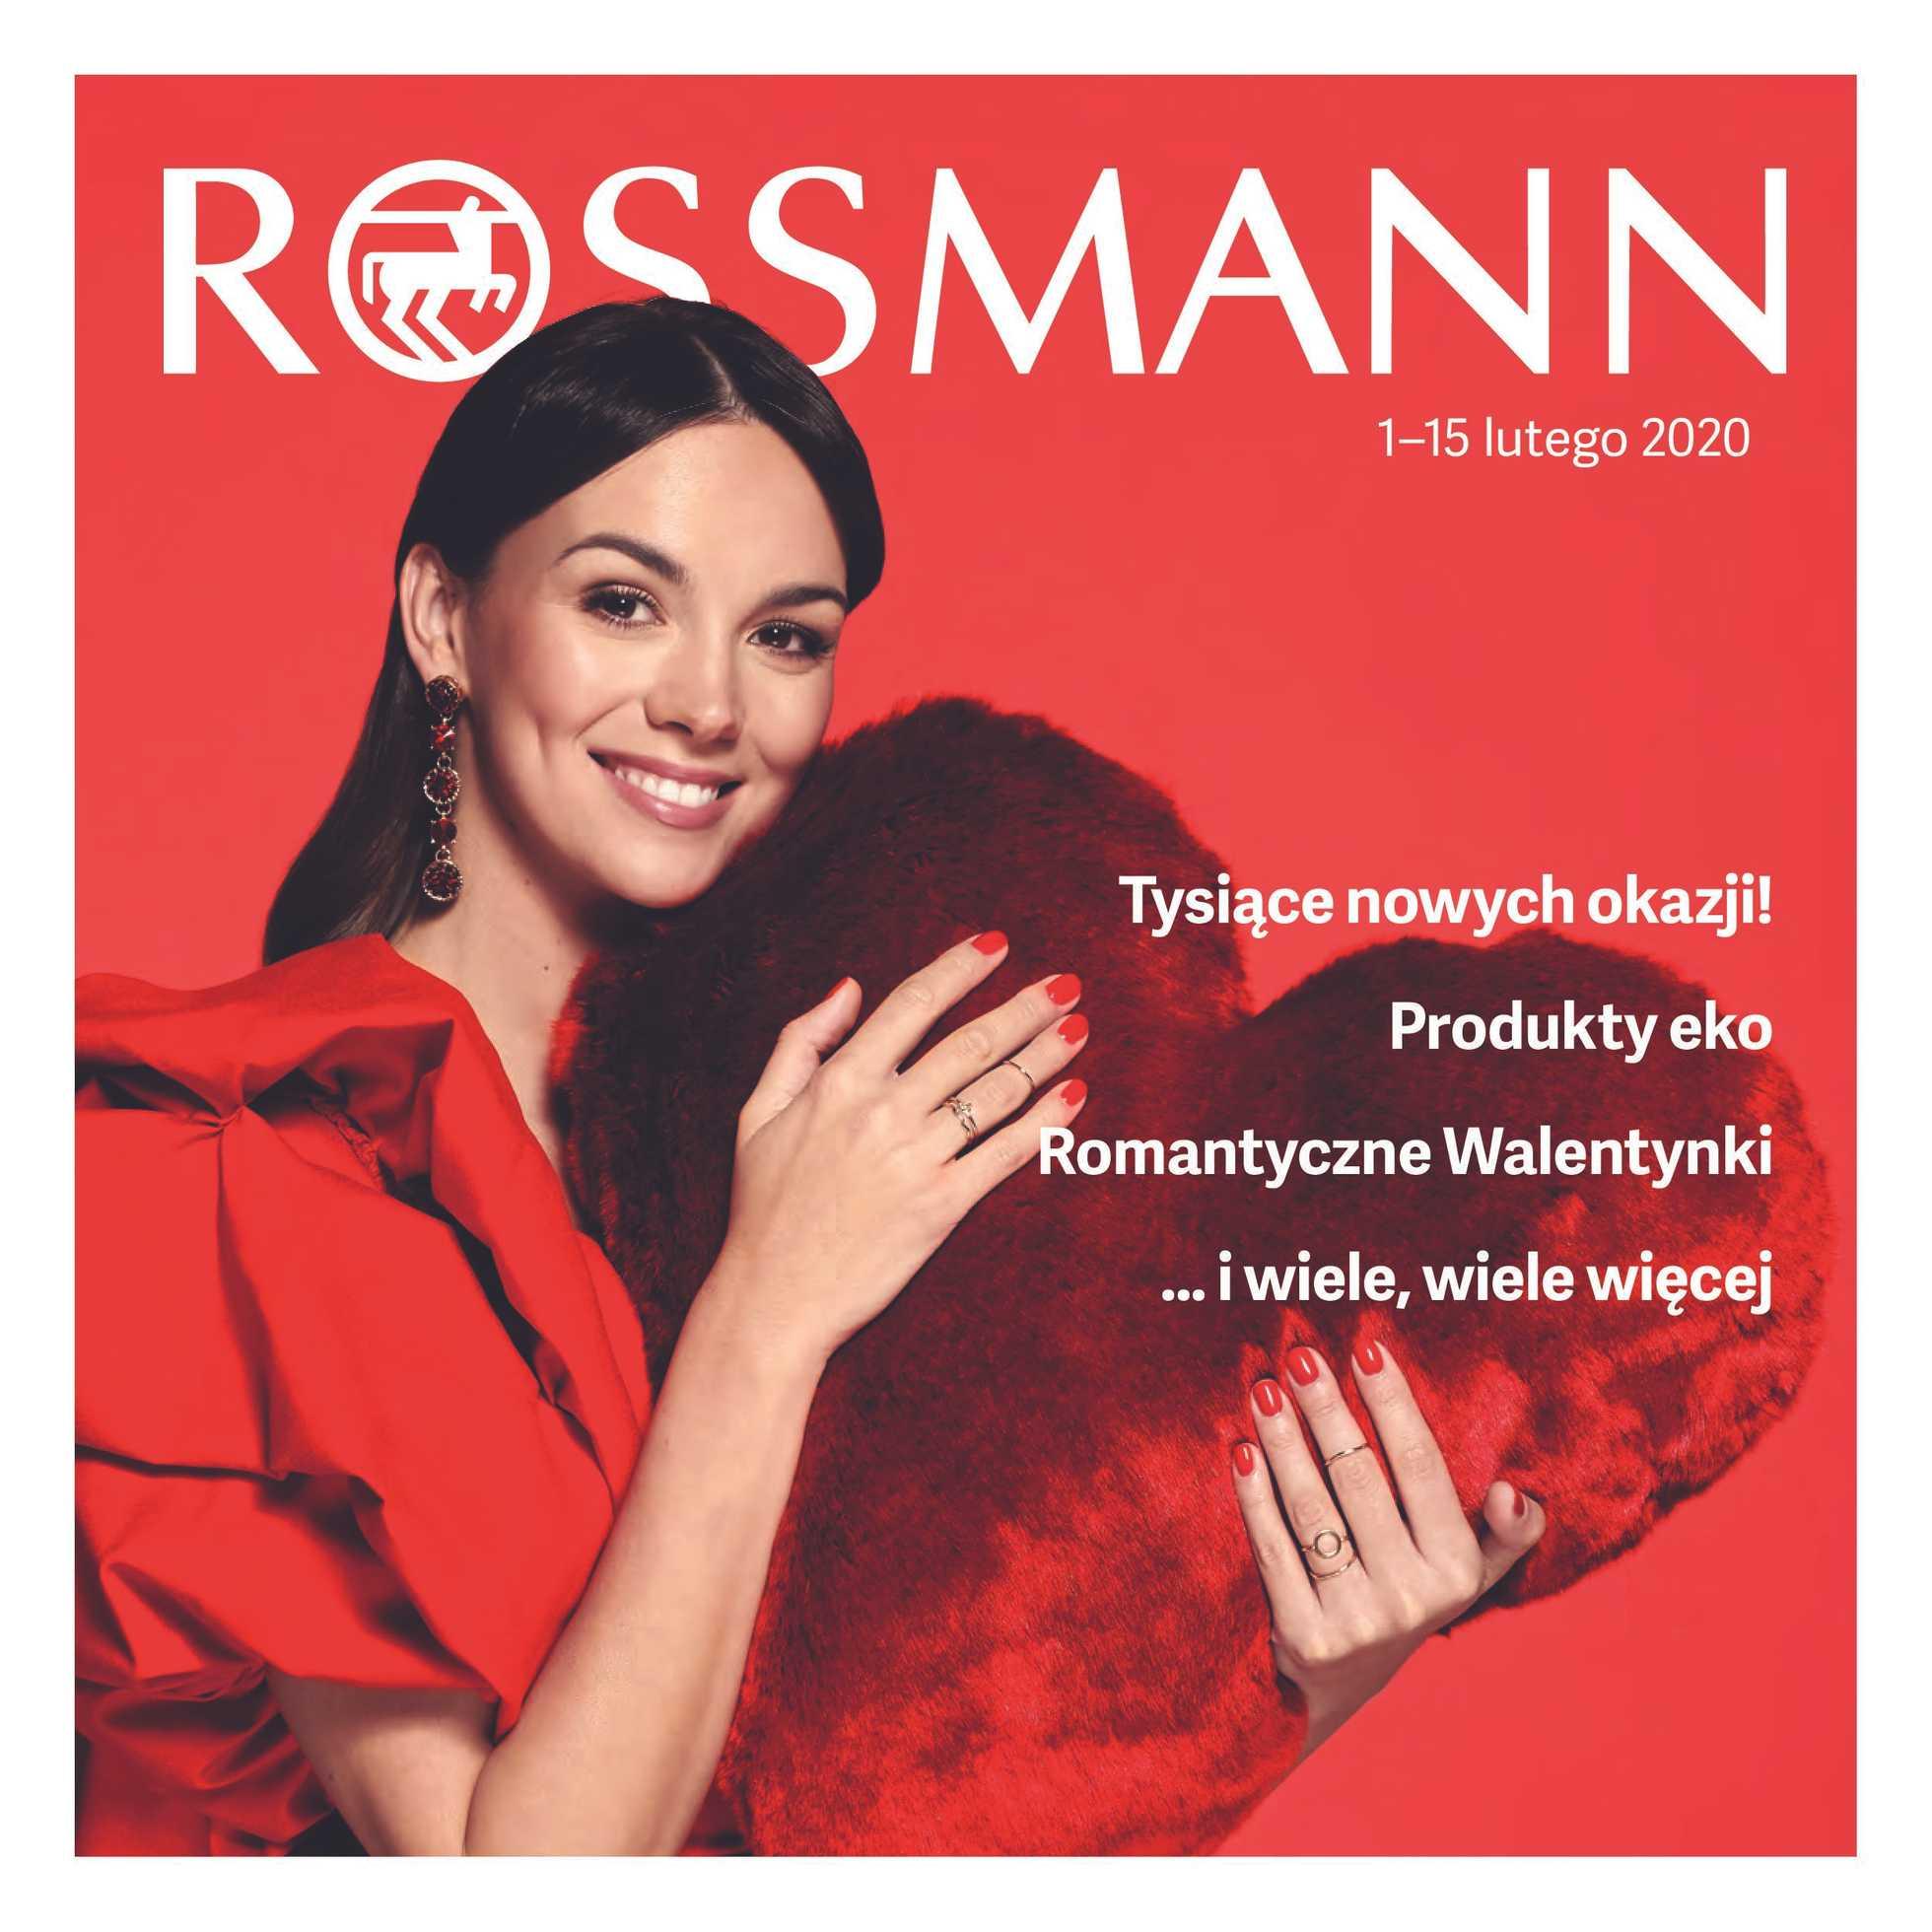 Rossmann - gazetka promocyjna ważna od 01.02.2020 do 15.02.2020 - strona 1.